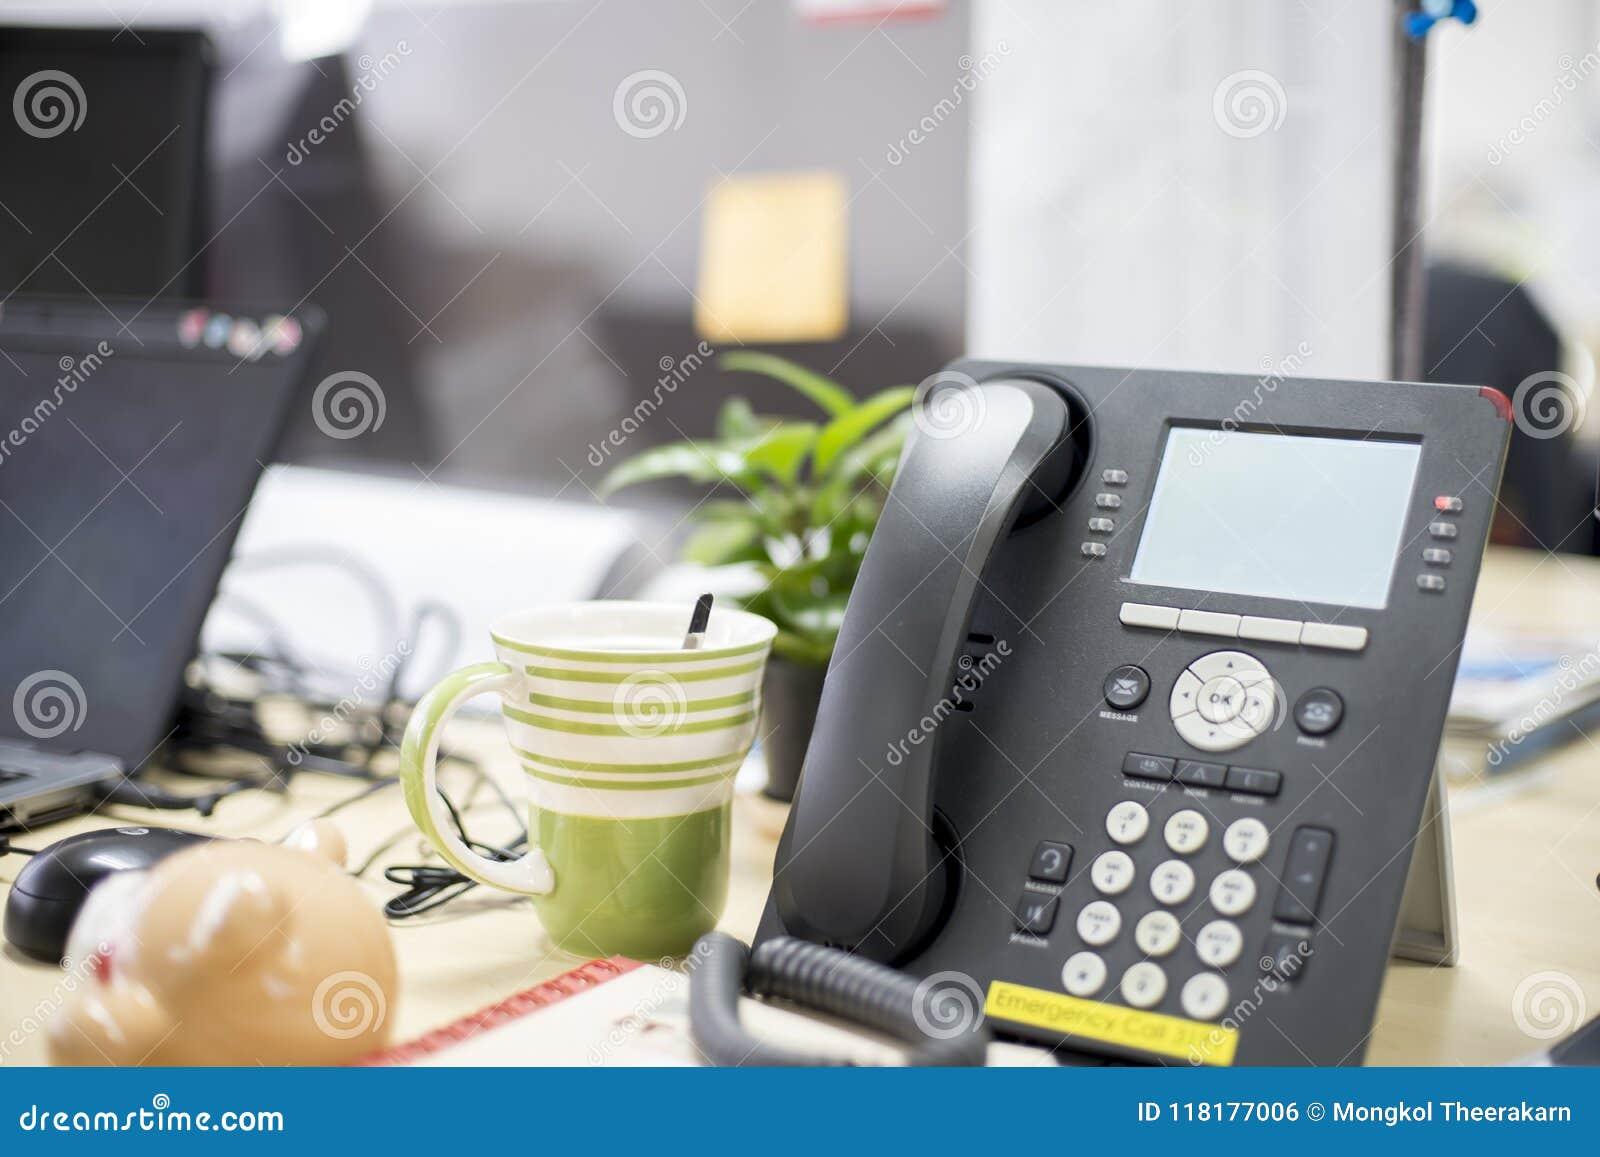 Smart - telefono in ufficio, nella cosa necessaria d aiuto, nelle telefonate, nelle video chiamate e nella conferenza avere e cos